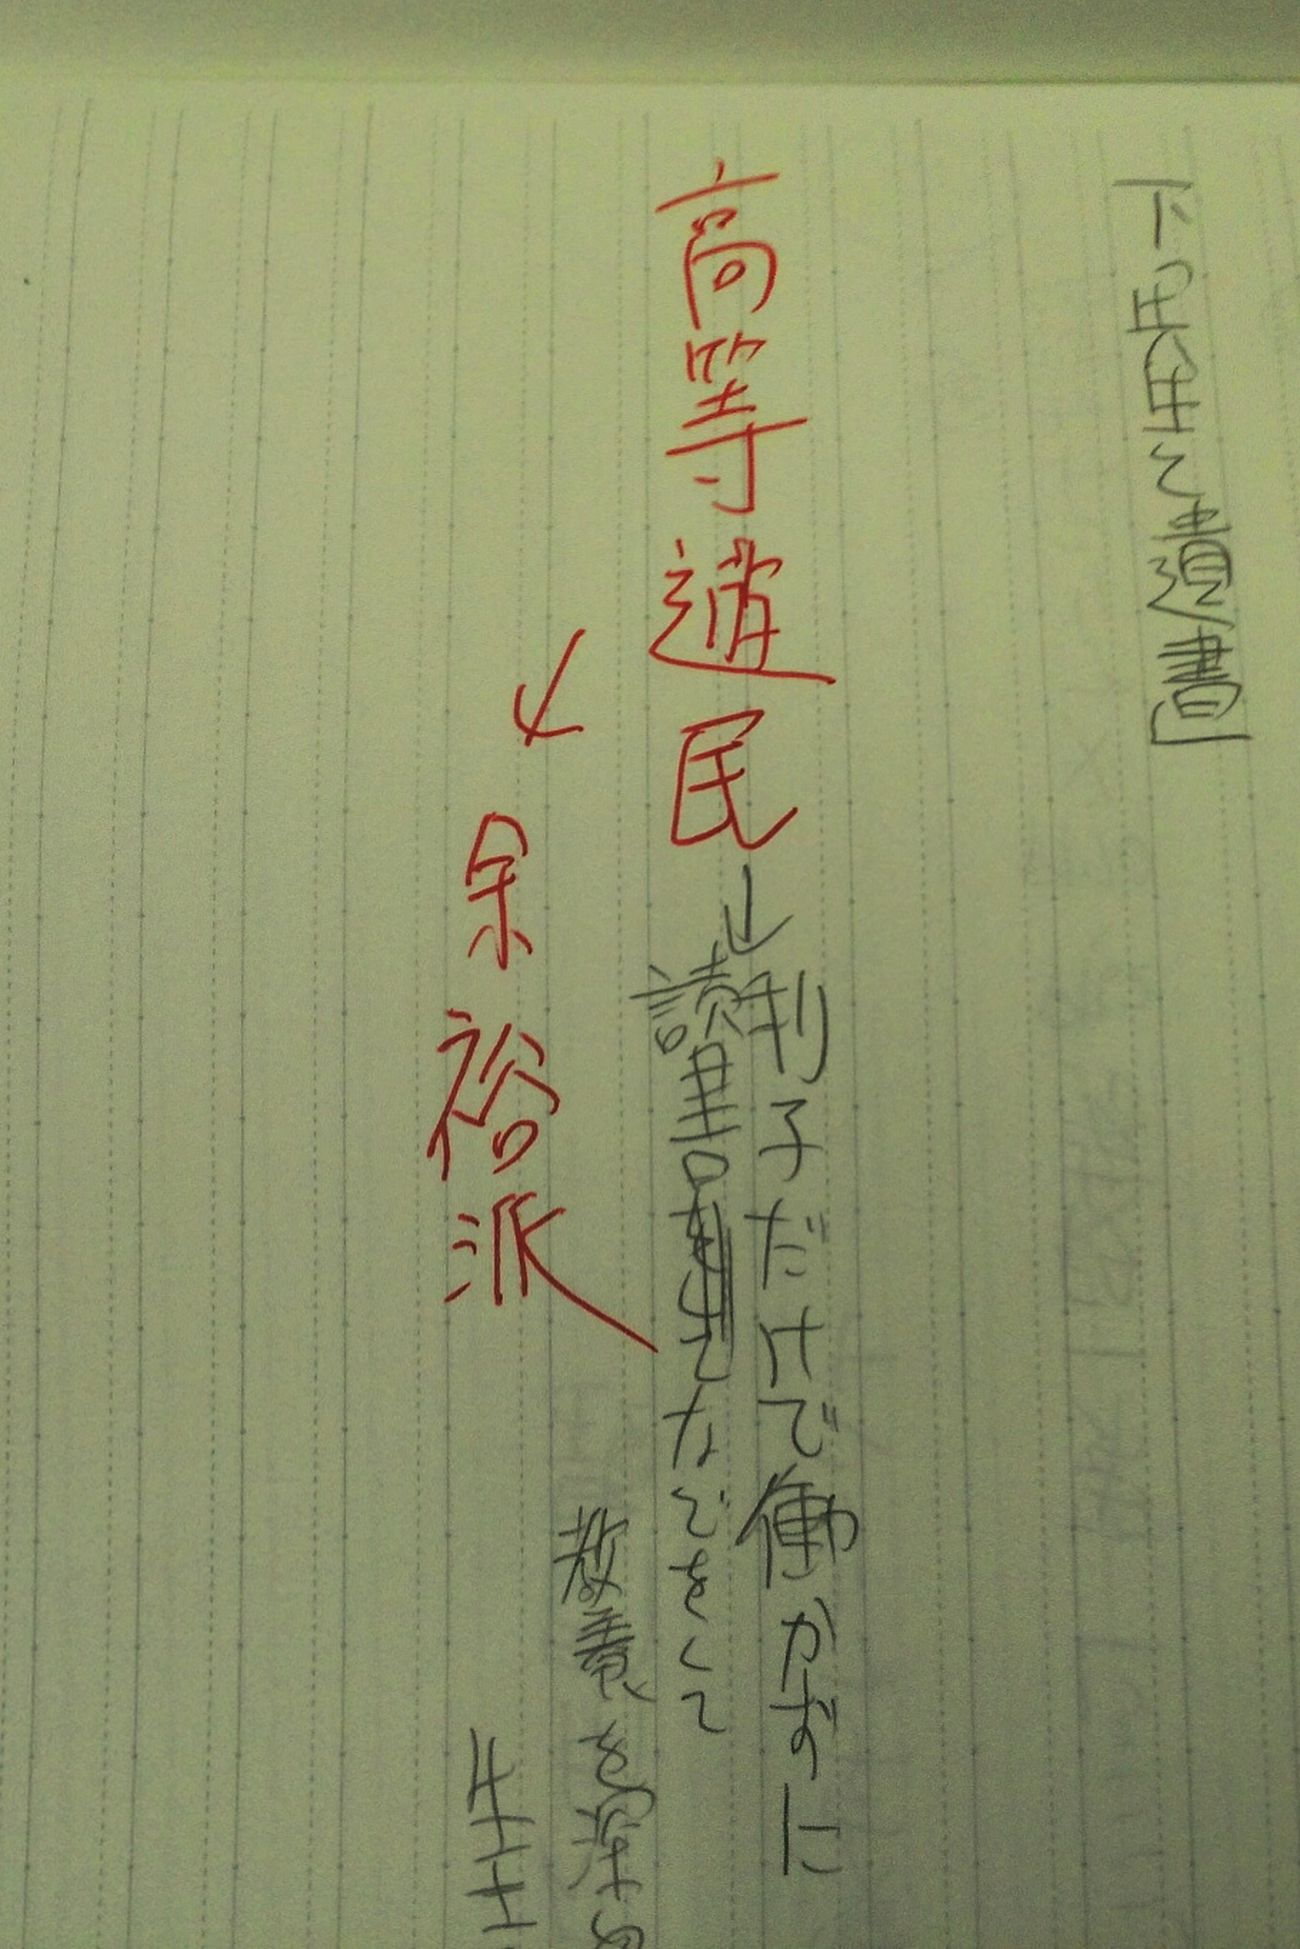 高等遊民 夏目漱石 余裕派 Dream なりたい。